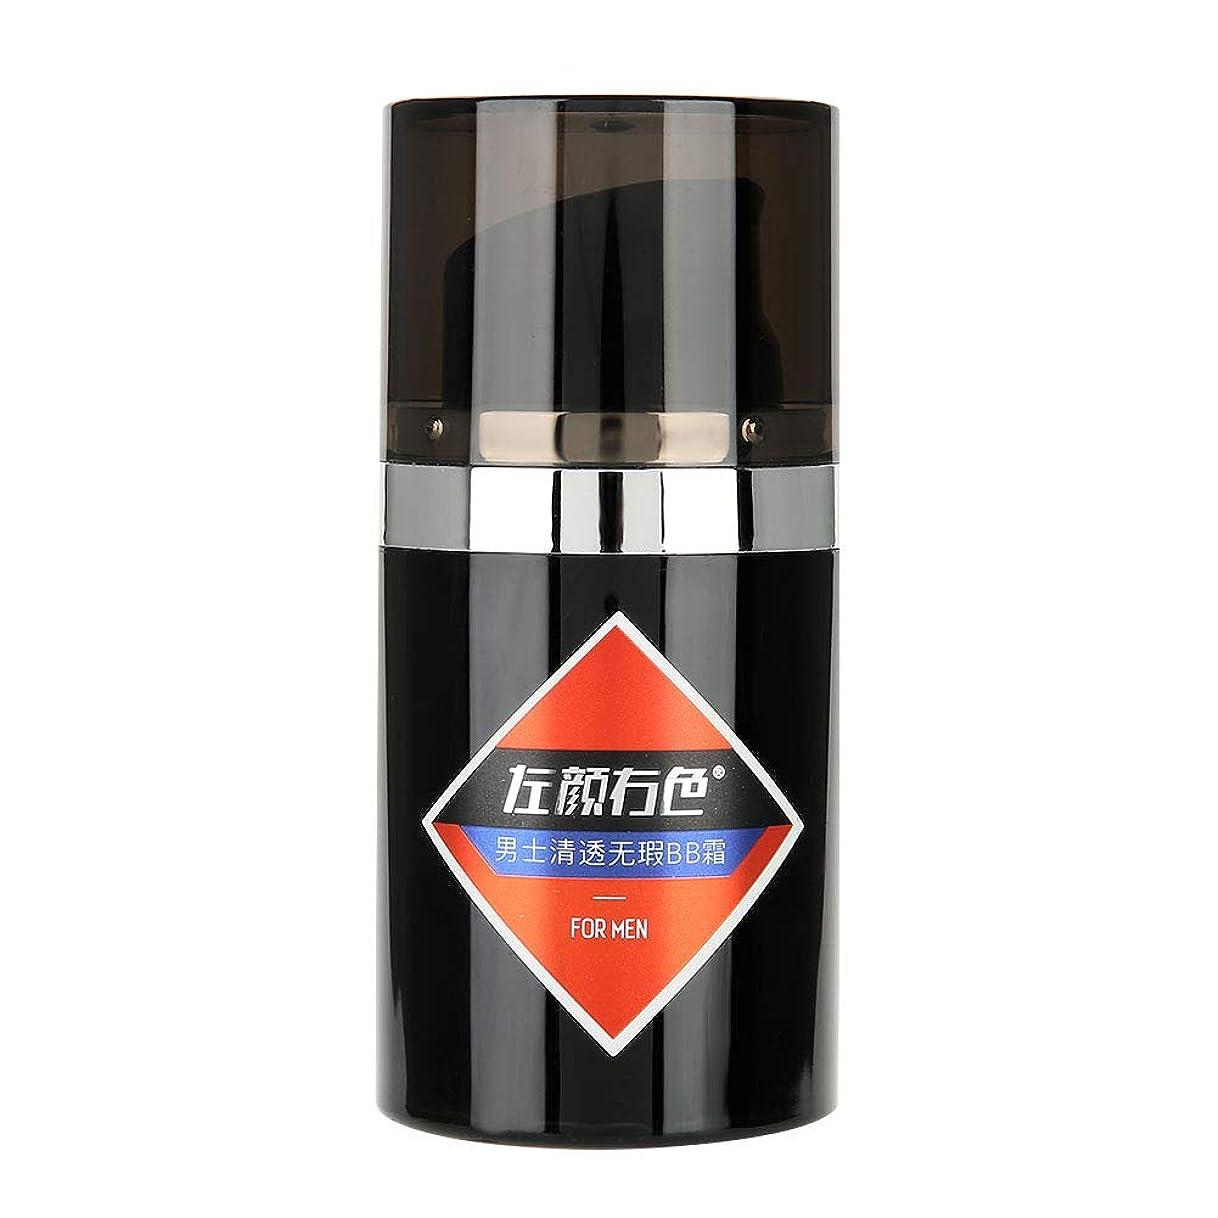 賞炎上高音50グラム男性BBクリーム、保湿コンシーラー防水ファンデーション化粧品メイクアップ(#02)